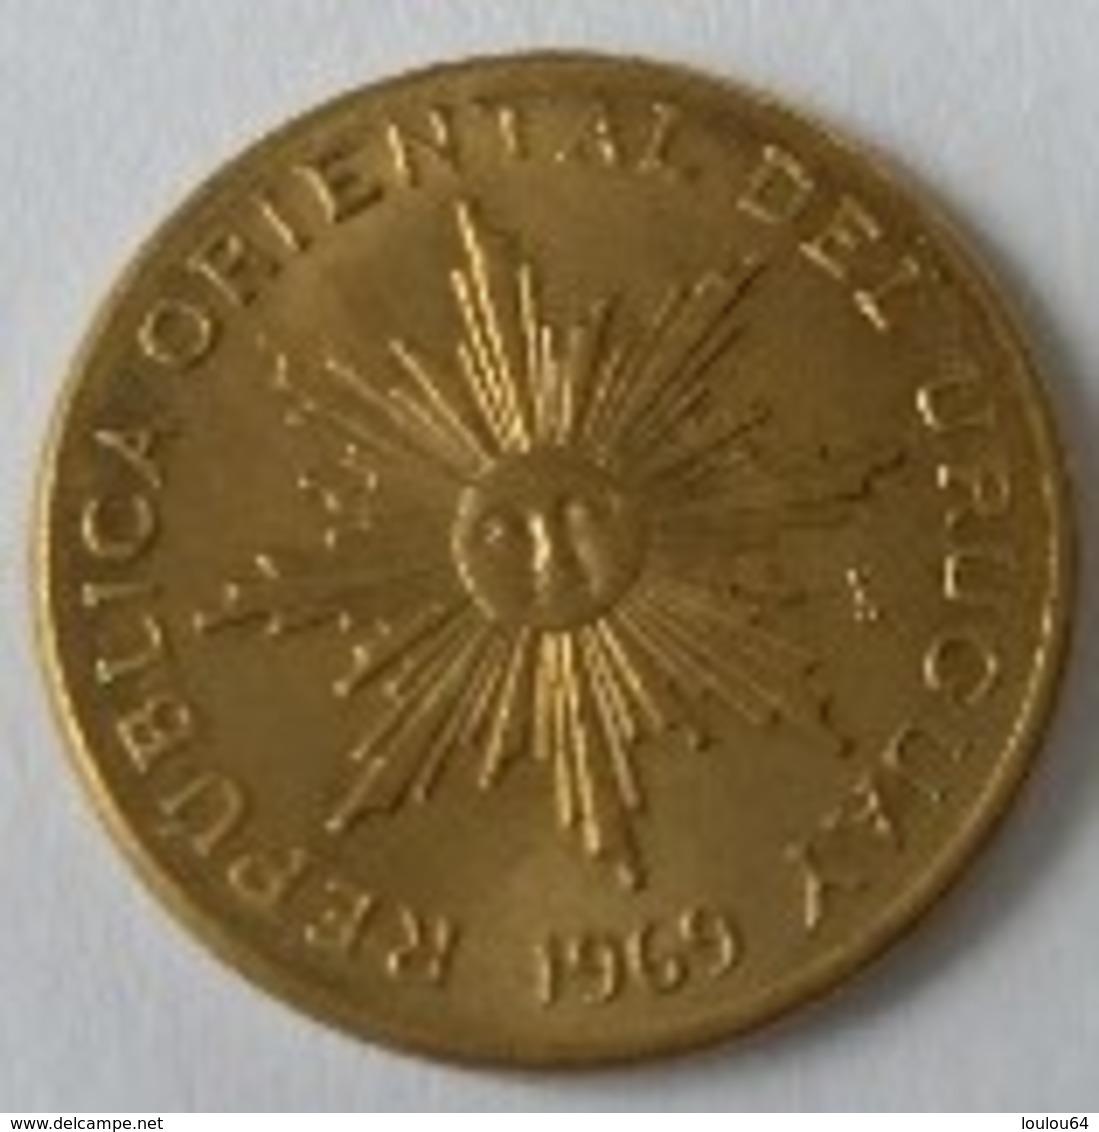 URUGUAY - 1 Peso 1969 - Cu-Alu - - Uruguay